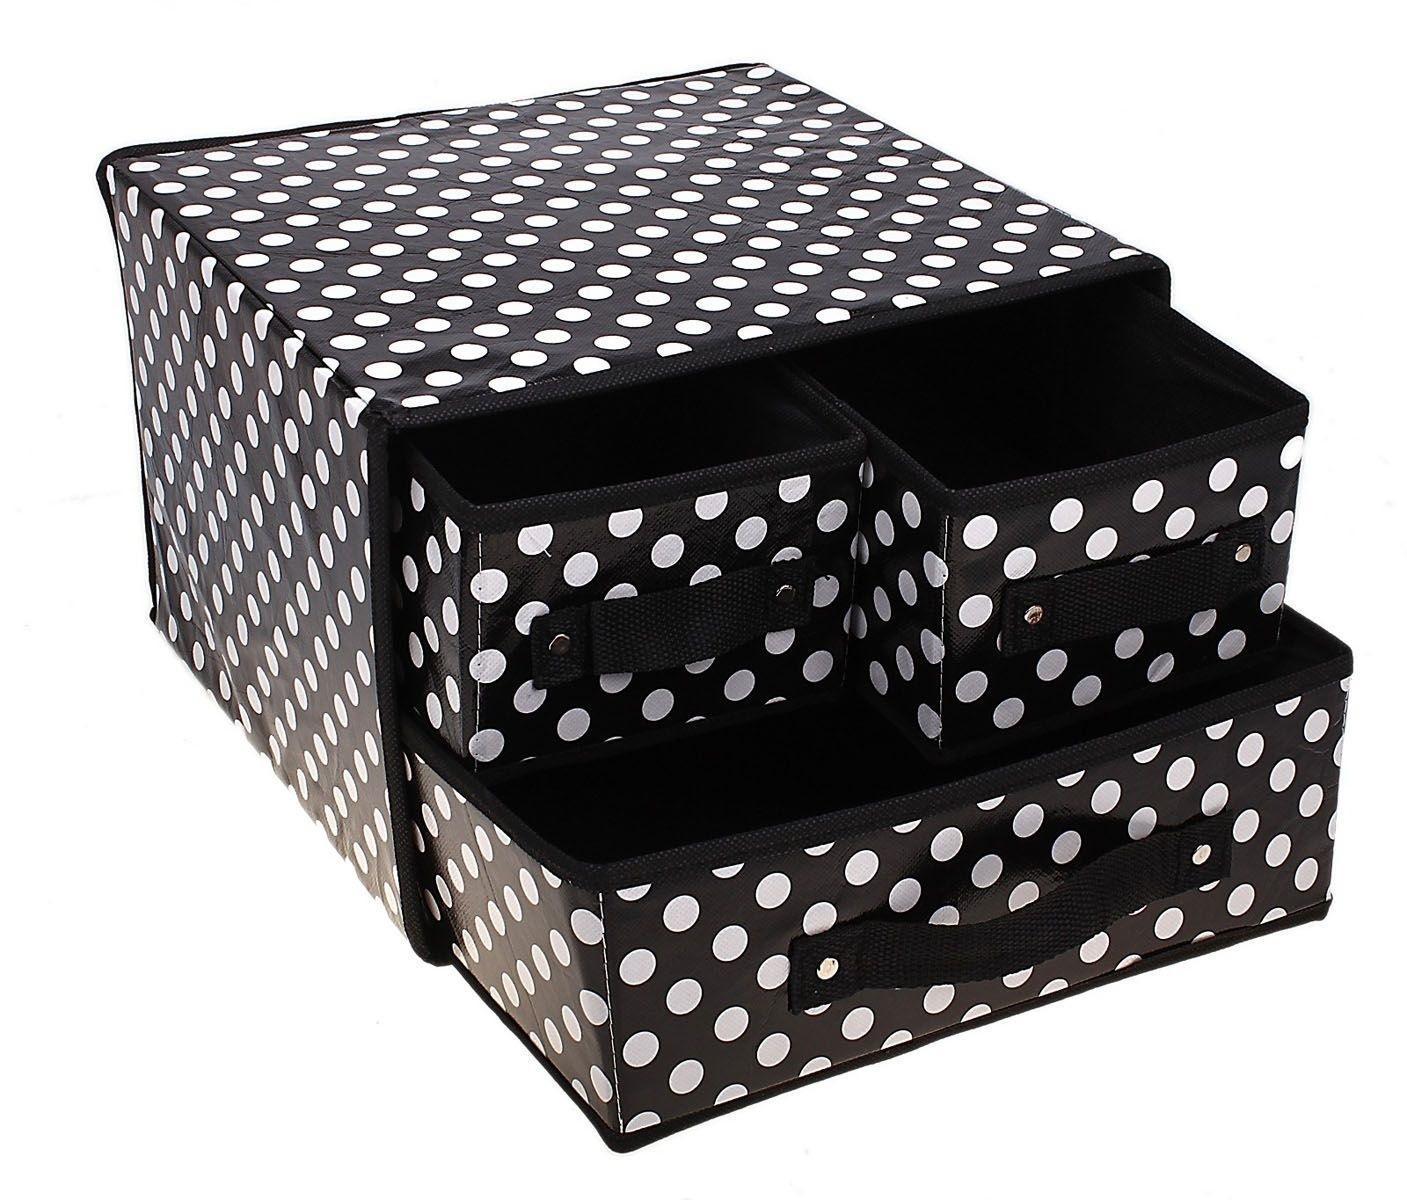 Коробка для хранения Горошек, с выдвижными ящичками, 30 х 30 х 22 см2905640550008Коробка для хранения Горошек поможет аккуратно хранить различные бытовые вещи, аксессуары, одежду и т.д. Изделие выполнено из клеенки и текстиля с принтом в черно-белый горошек. Коробка оснащена одним большим и двумя маленькими выдвижными ящичками. Коробка для хранения - незаменимая вещь в любом хозяйстве. Если вы не знаете, куда спрятать носки, нижнее белье, полотенца и прочие вещи, то коробка для хранения ваш универсальный помощник. Она легкая, мобильная и не занимает много места. Создавайте дополнительные места для хранения вещей без труда и особых затрат!